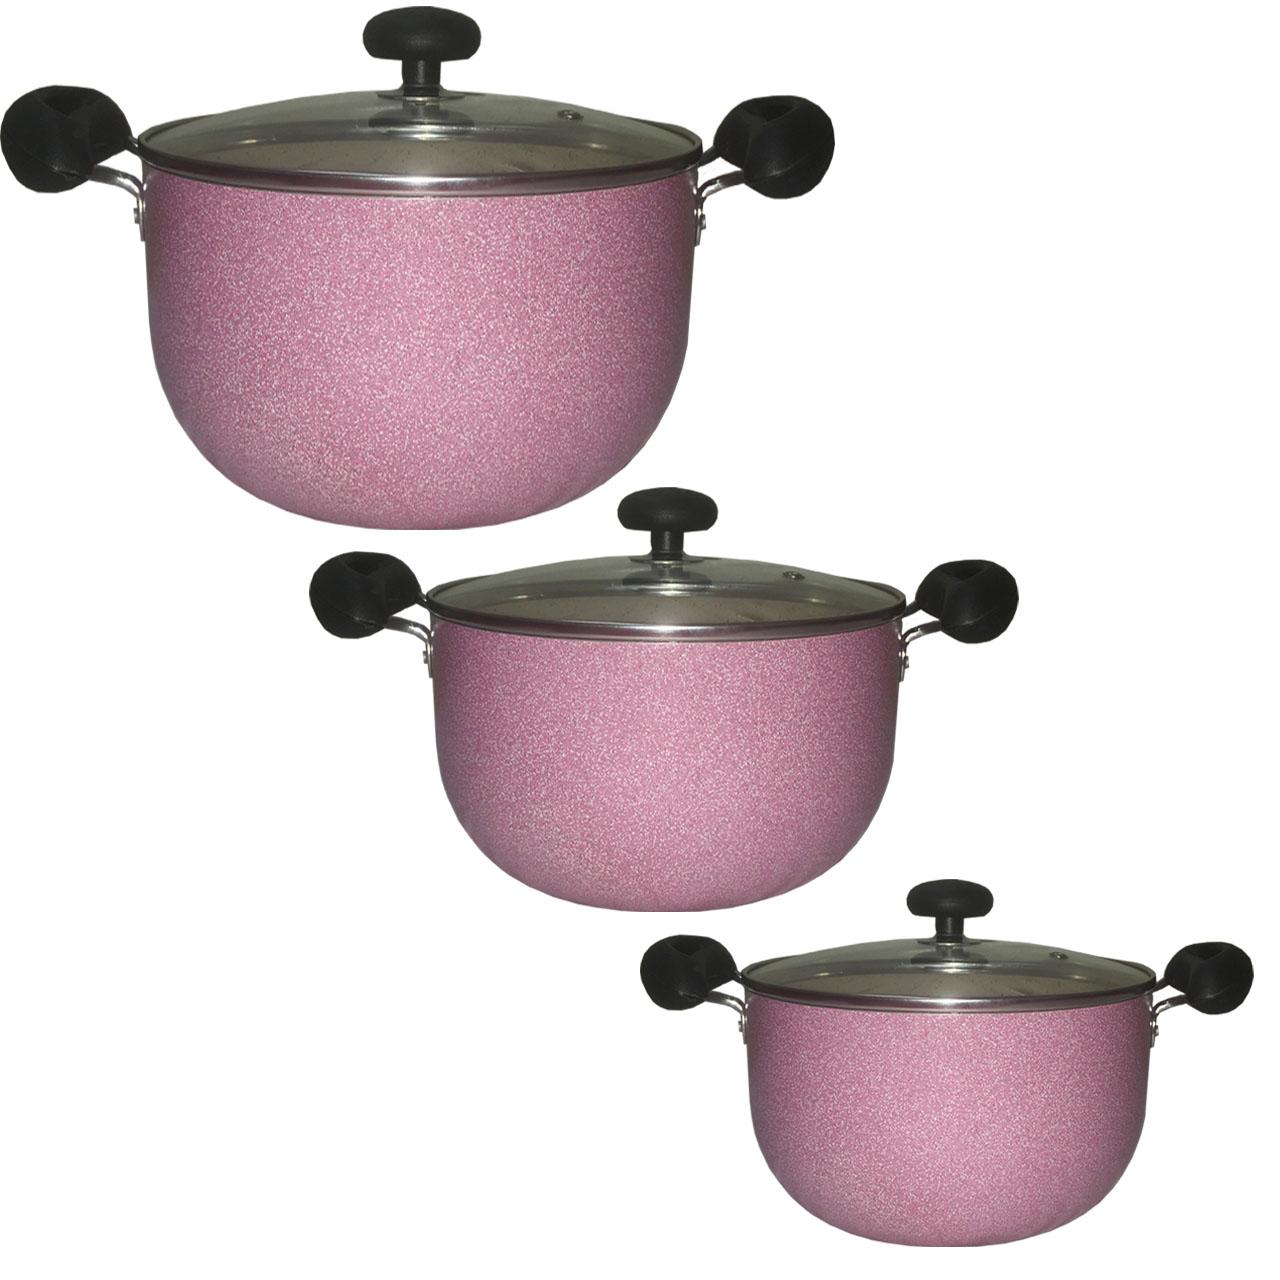 سرویس پخت و پز گرانیتی پروفا 6 پارچه مدل SML2901